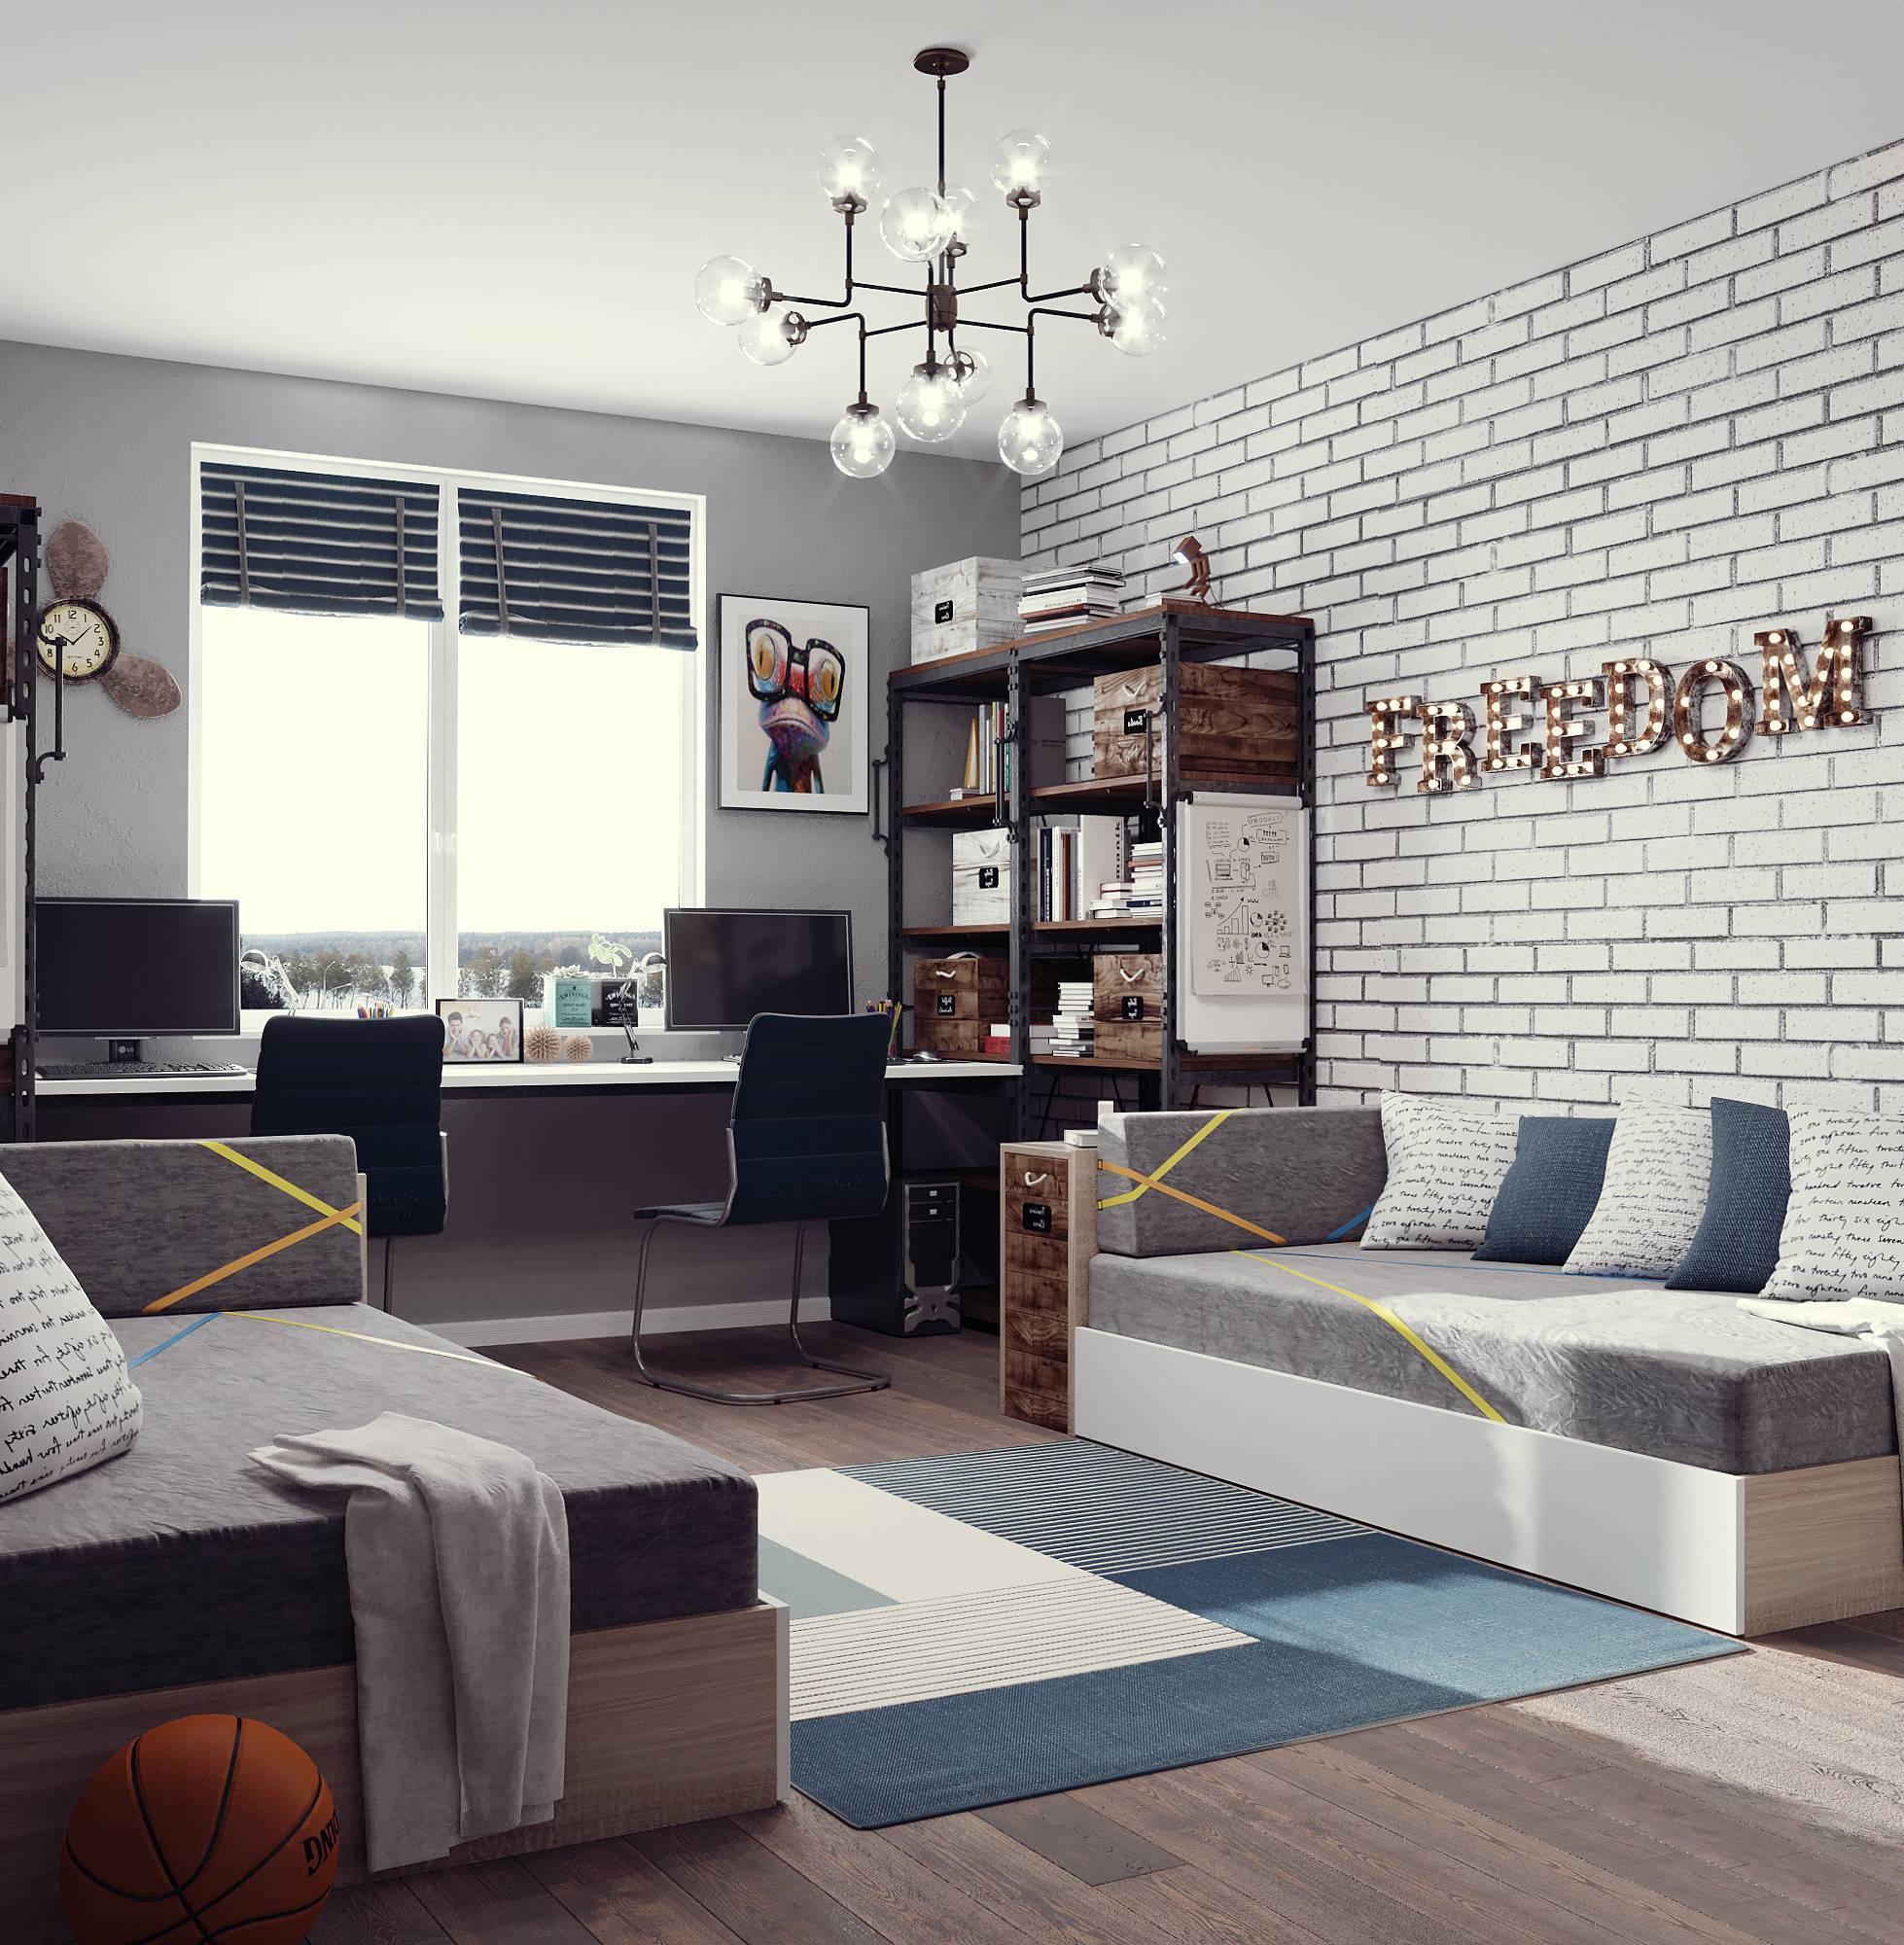 Как продумать дизайн комнаты для подростка мальчика: советы и лучшие решения с фото